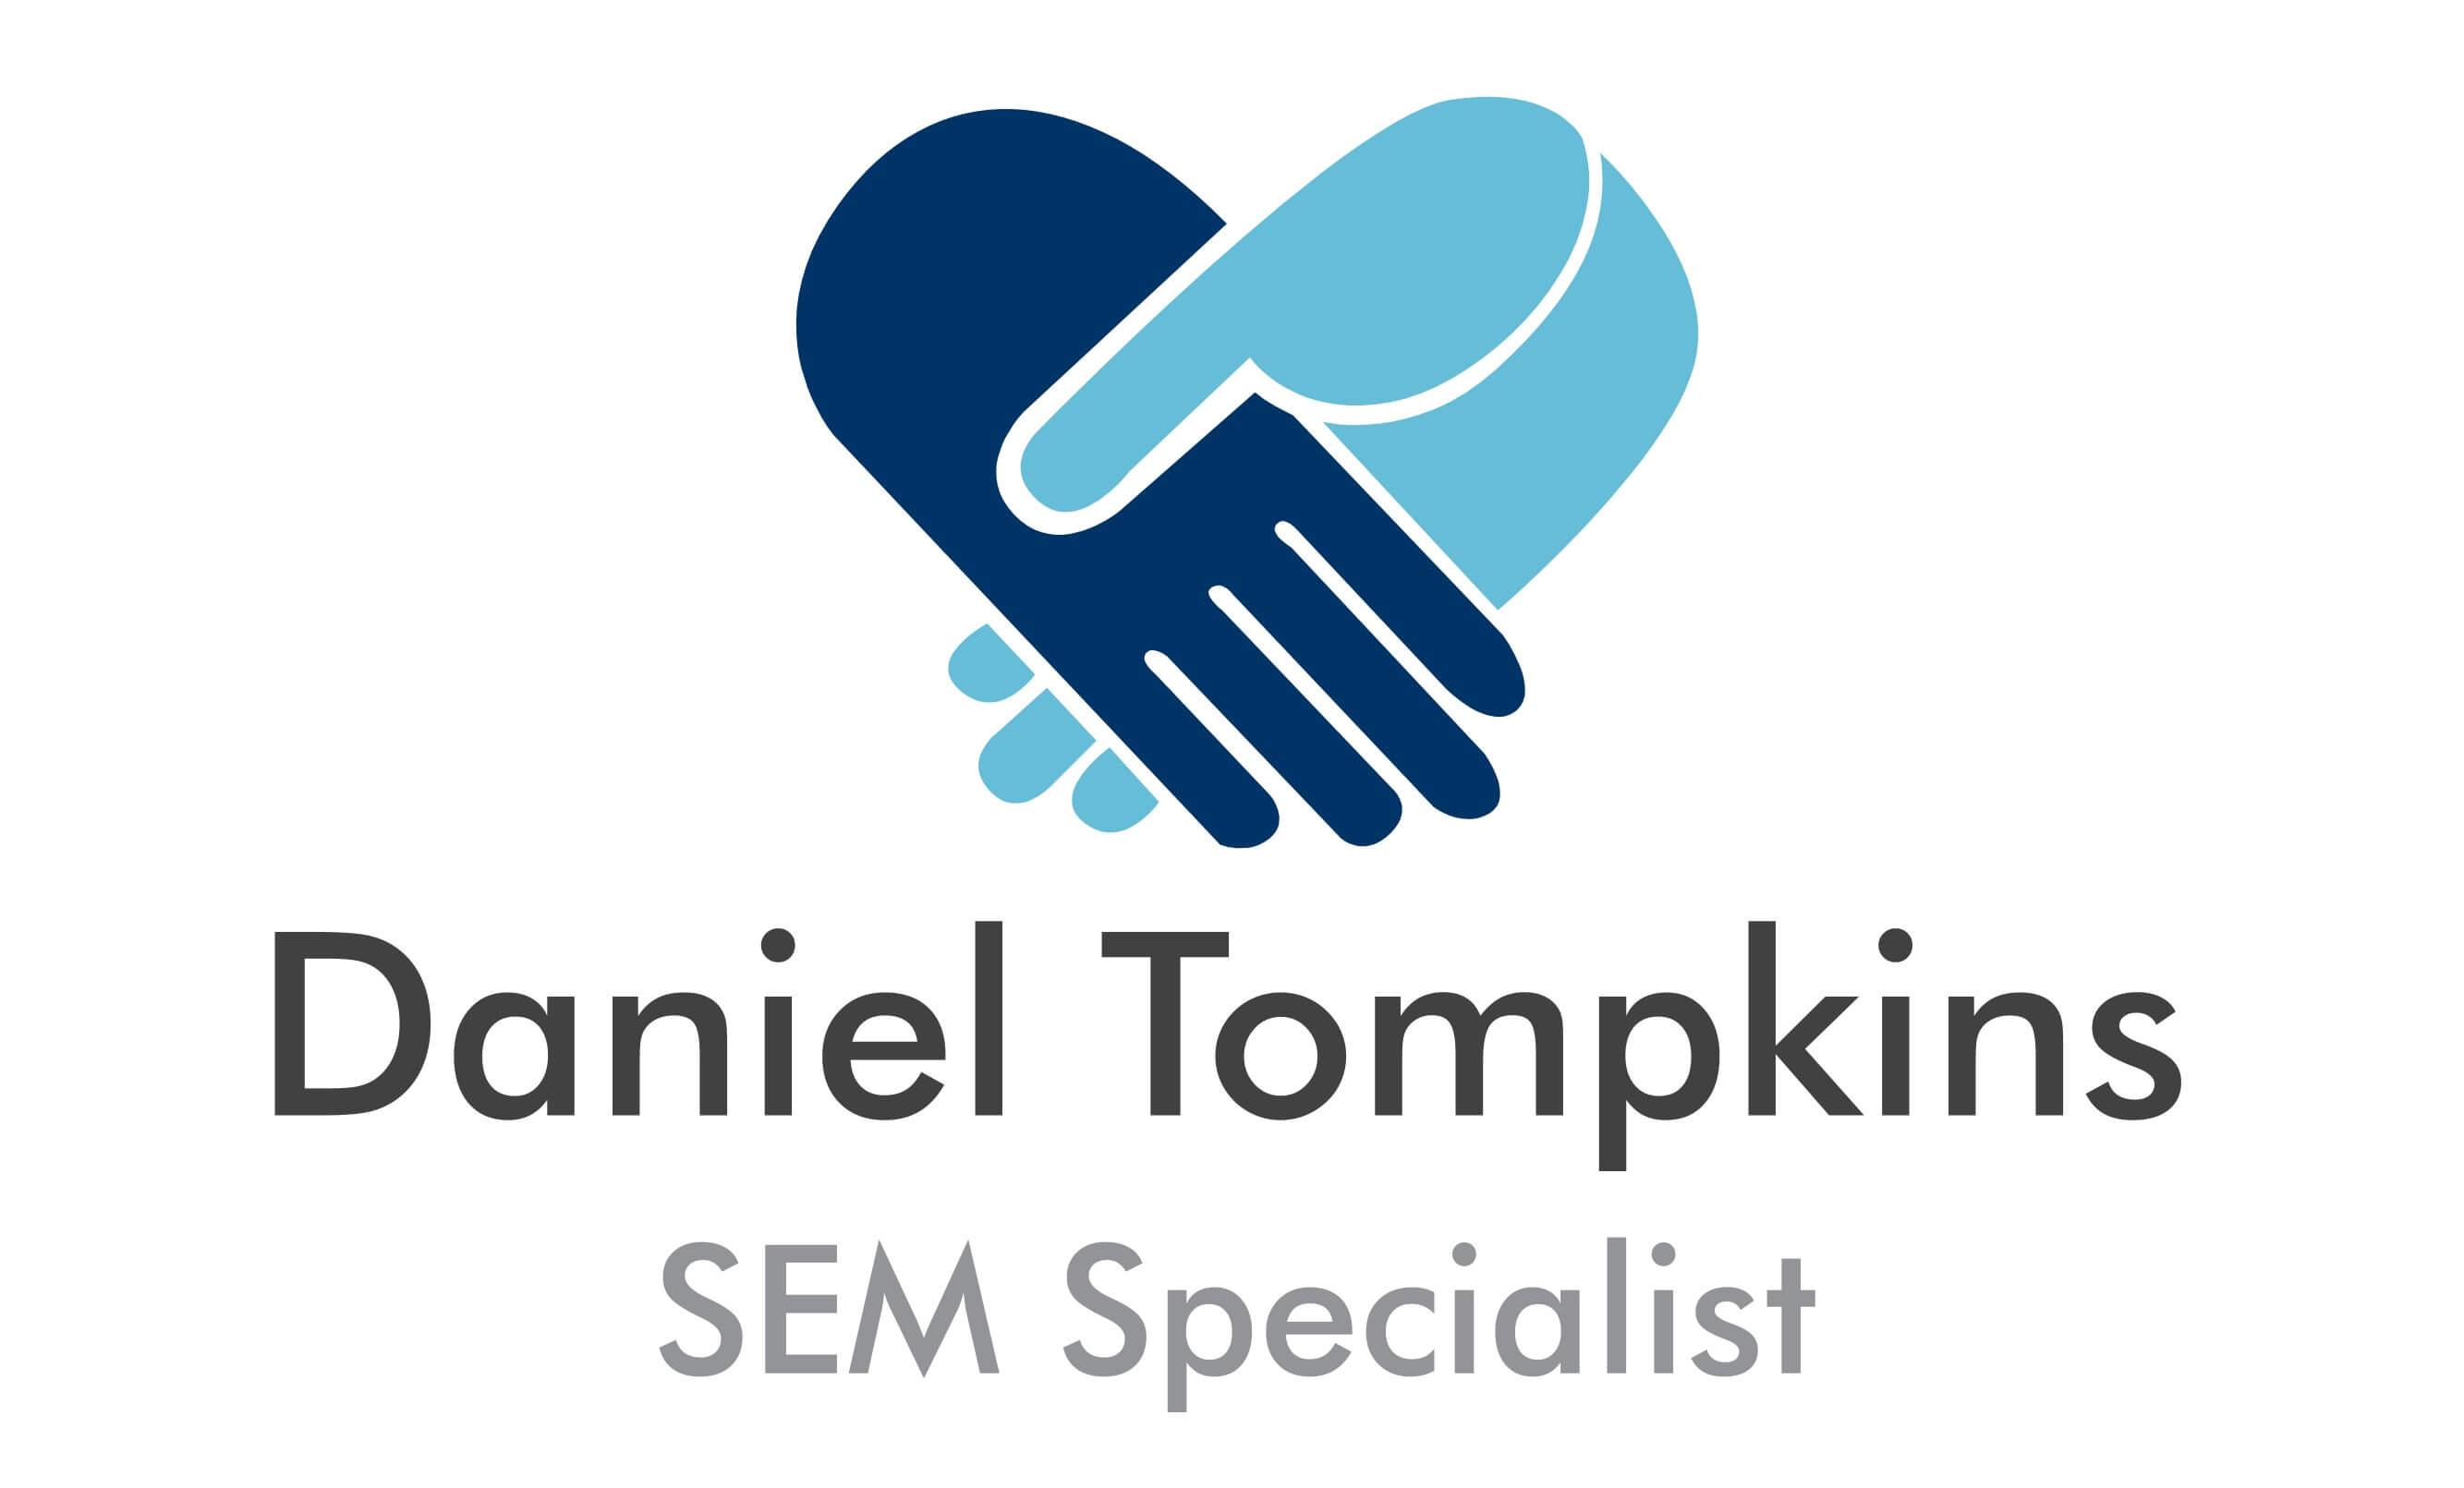 Daniel Tompkins